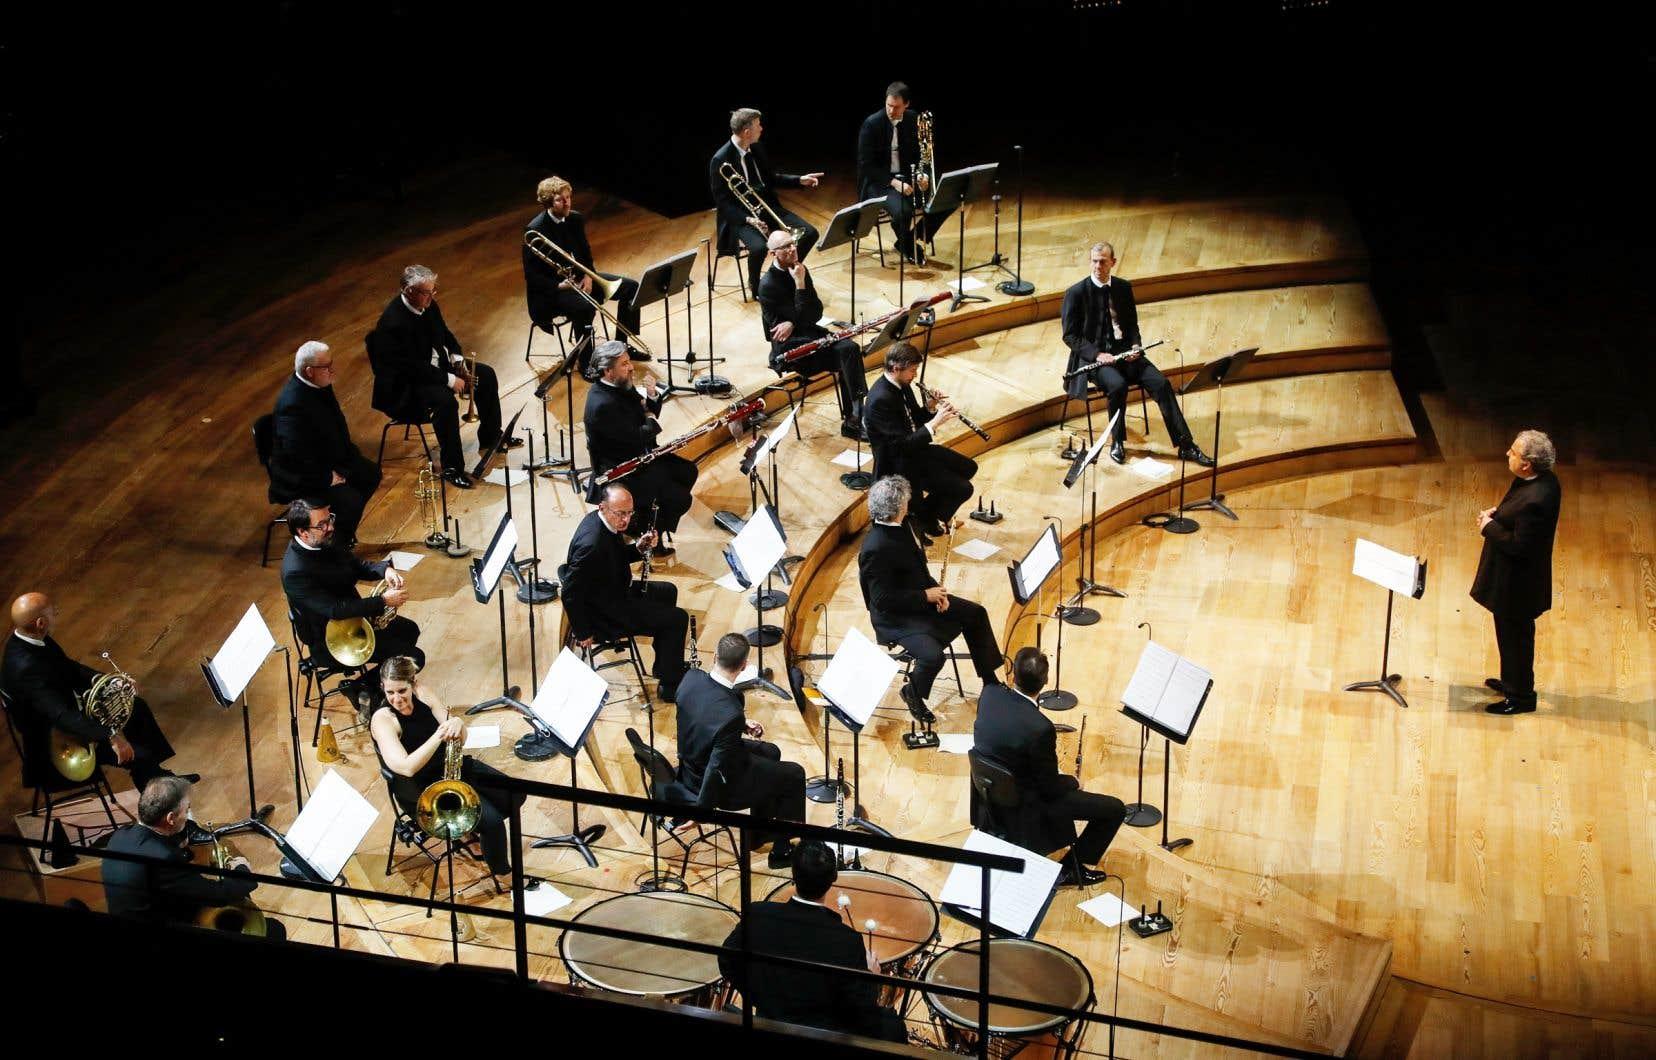 «Les voies technologiques ont été propulsées au cœur d'un maelstrom créatif devant répondre aux besoins spécifiques de la diffusion sur le Web de la musique classique dans des formats procurant une expérience de plus en plus